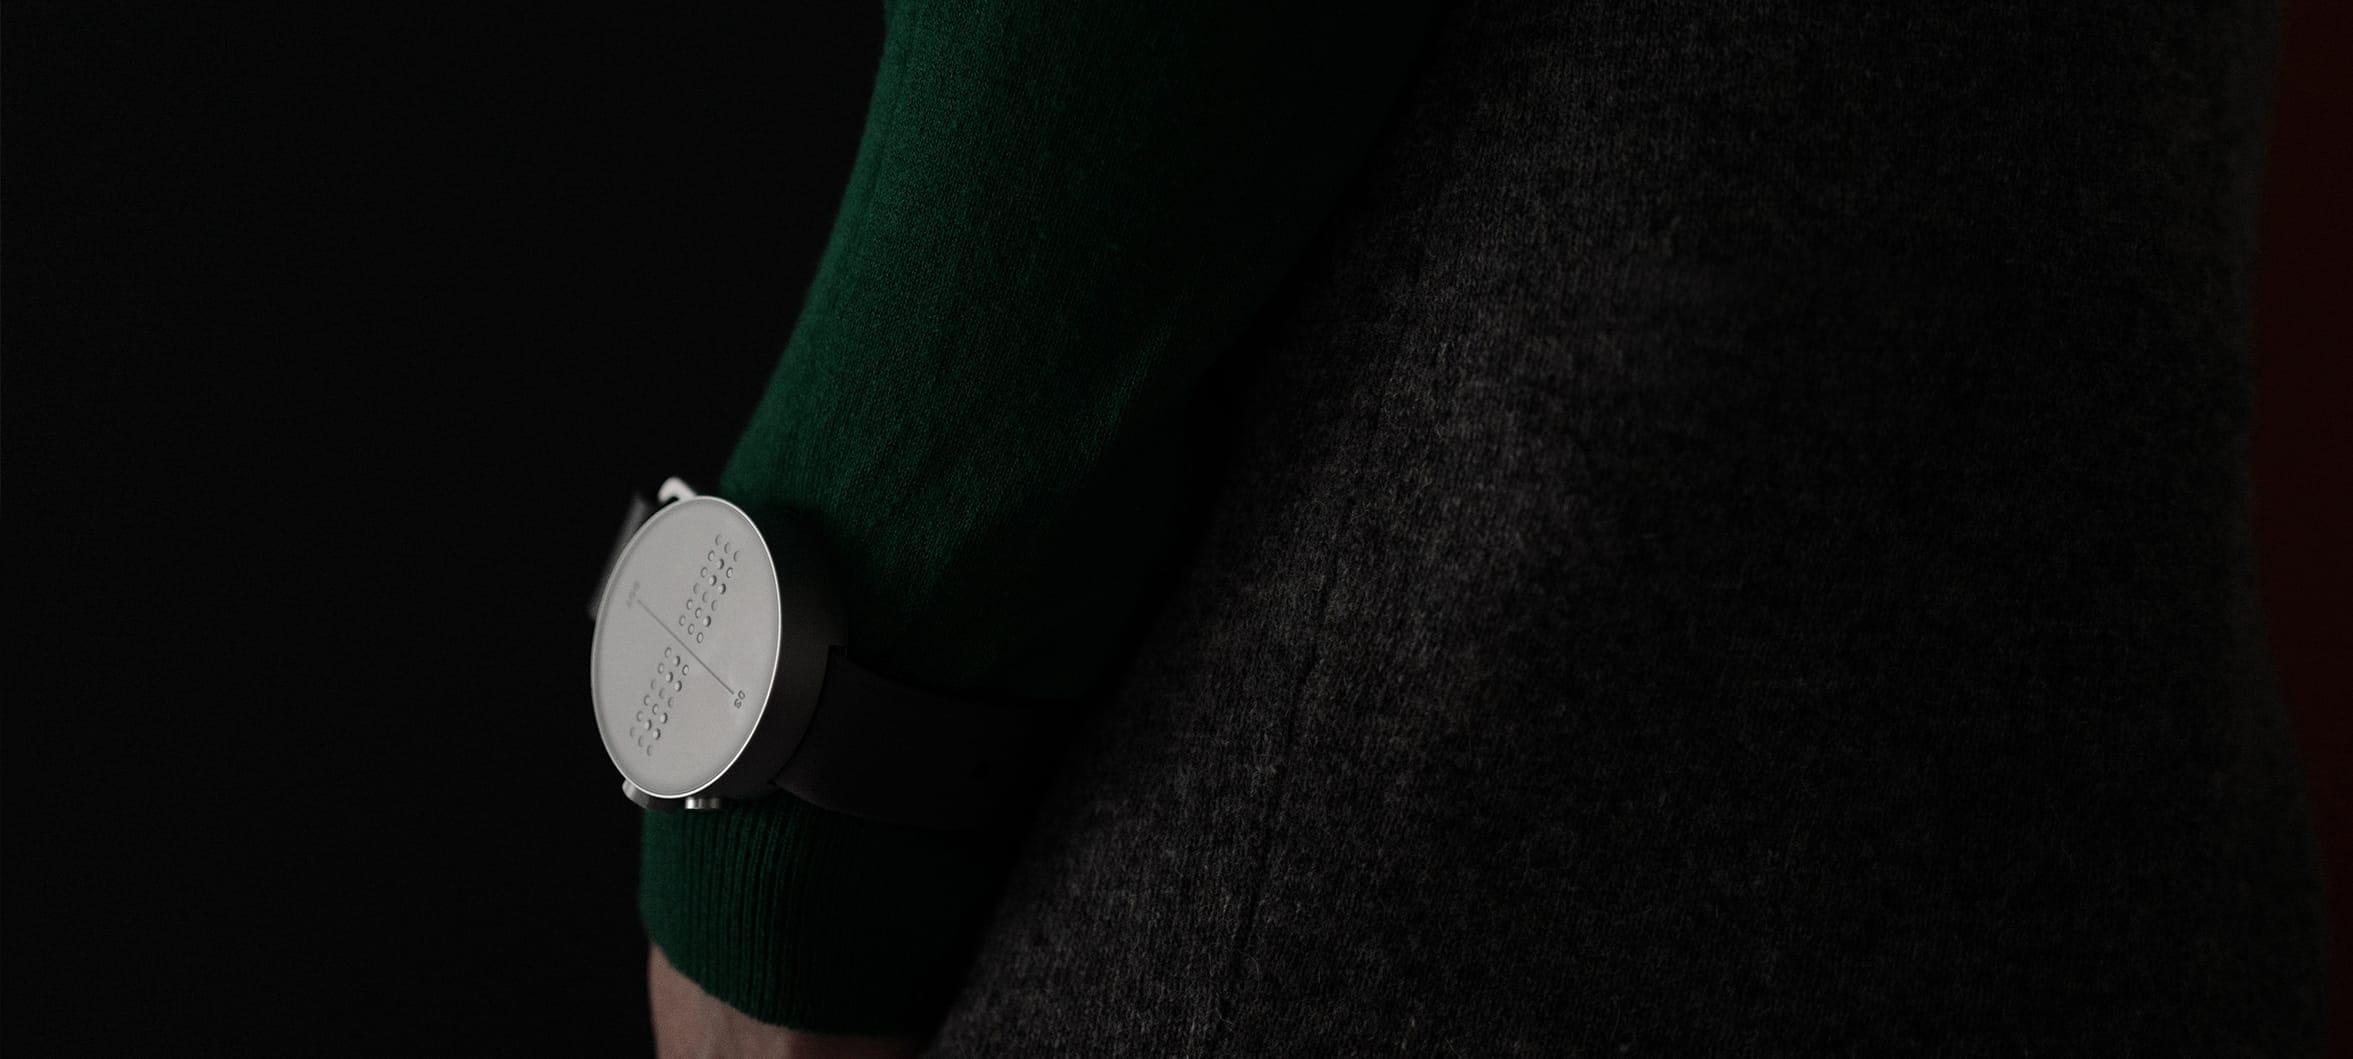 Hodinky Dot pro zrakově postižené umožňují číst čas i komunikovat